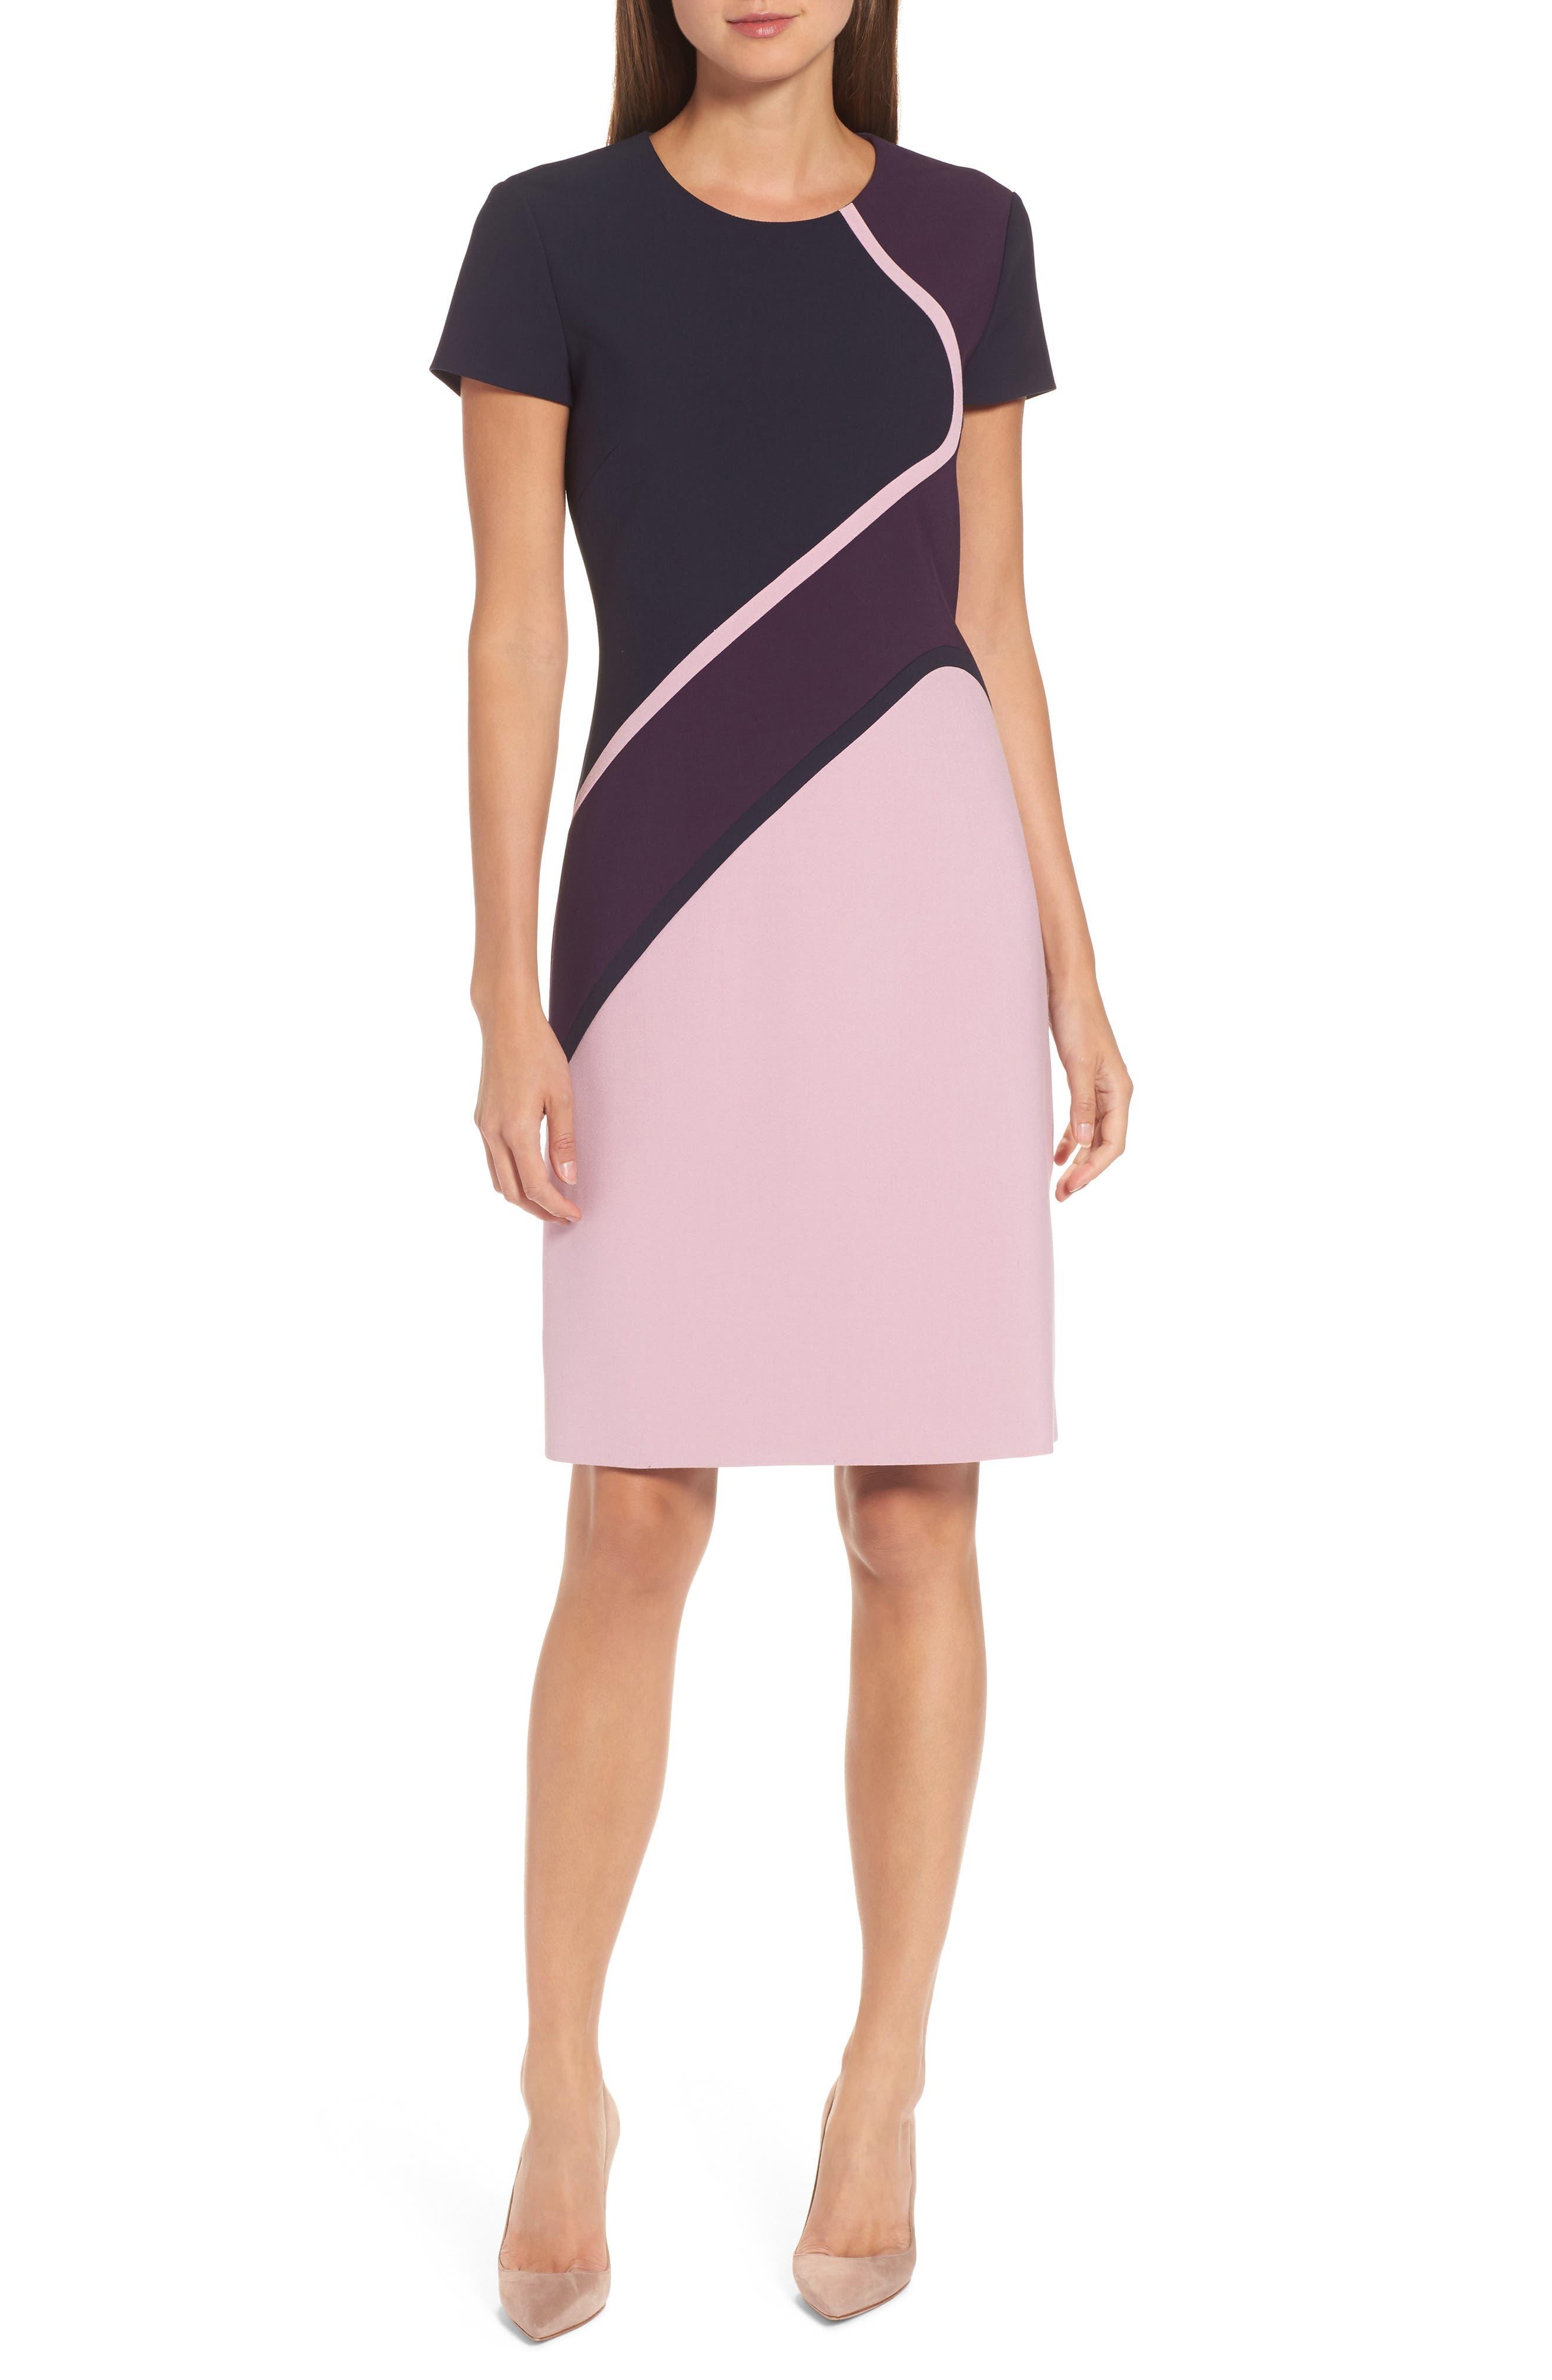 Dukatia Colorblock Sheath Dress,                             Main thumbnail 1, color,                             502